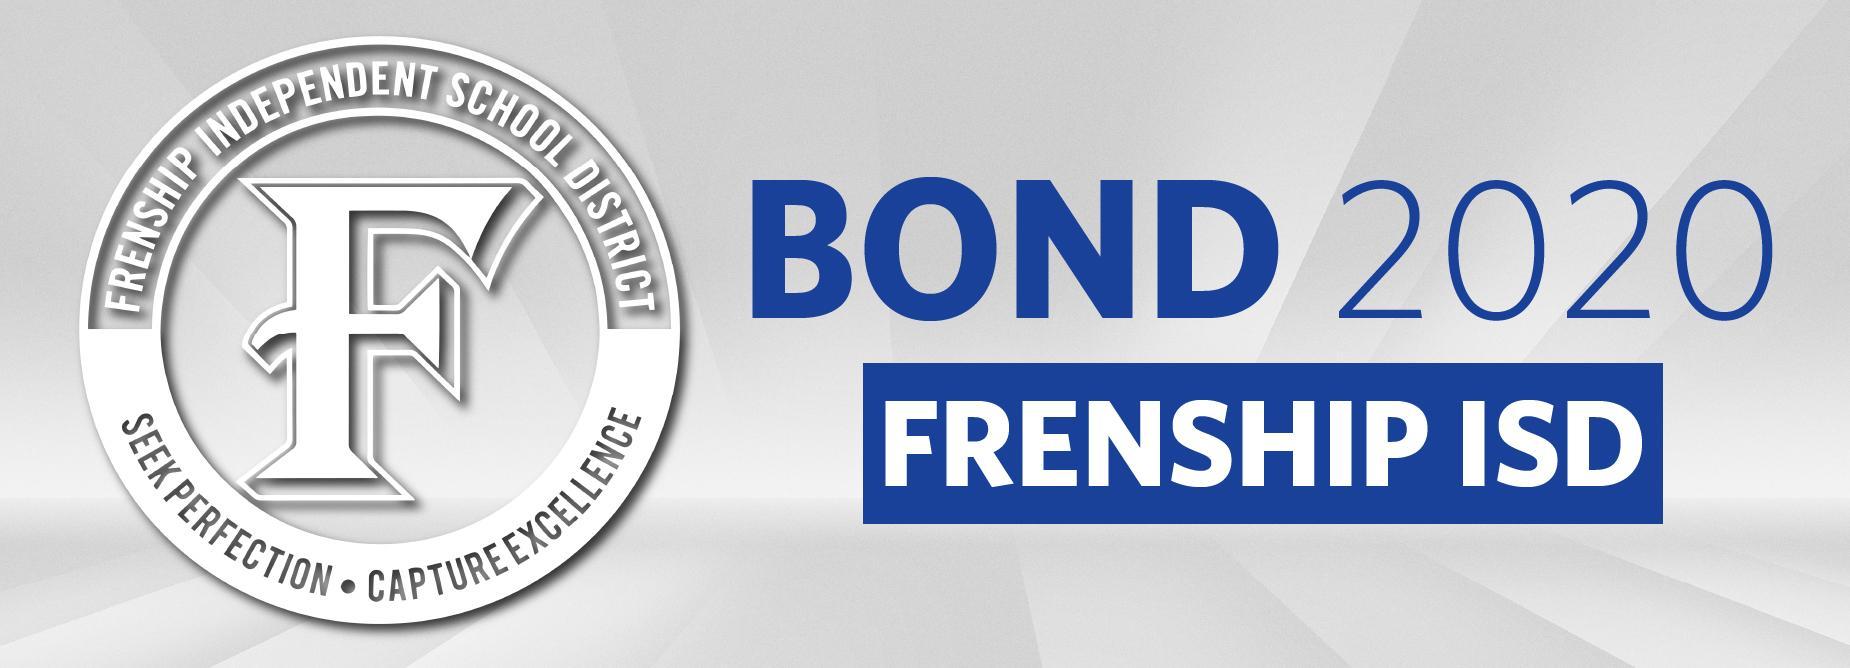 bond 2020